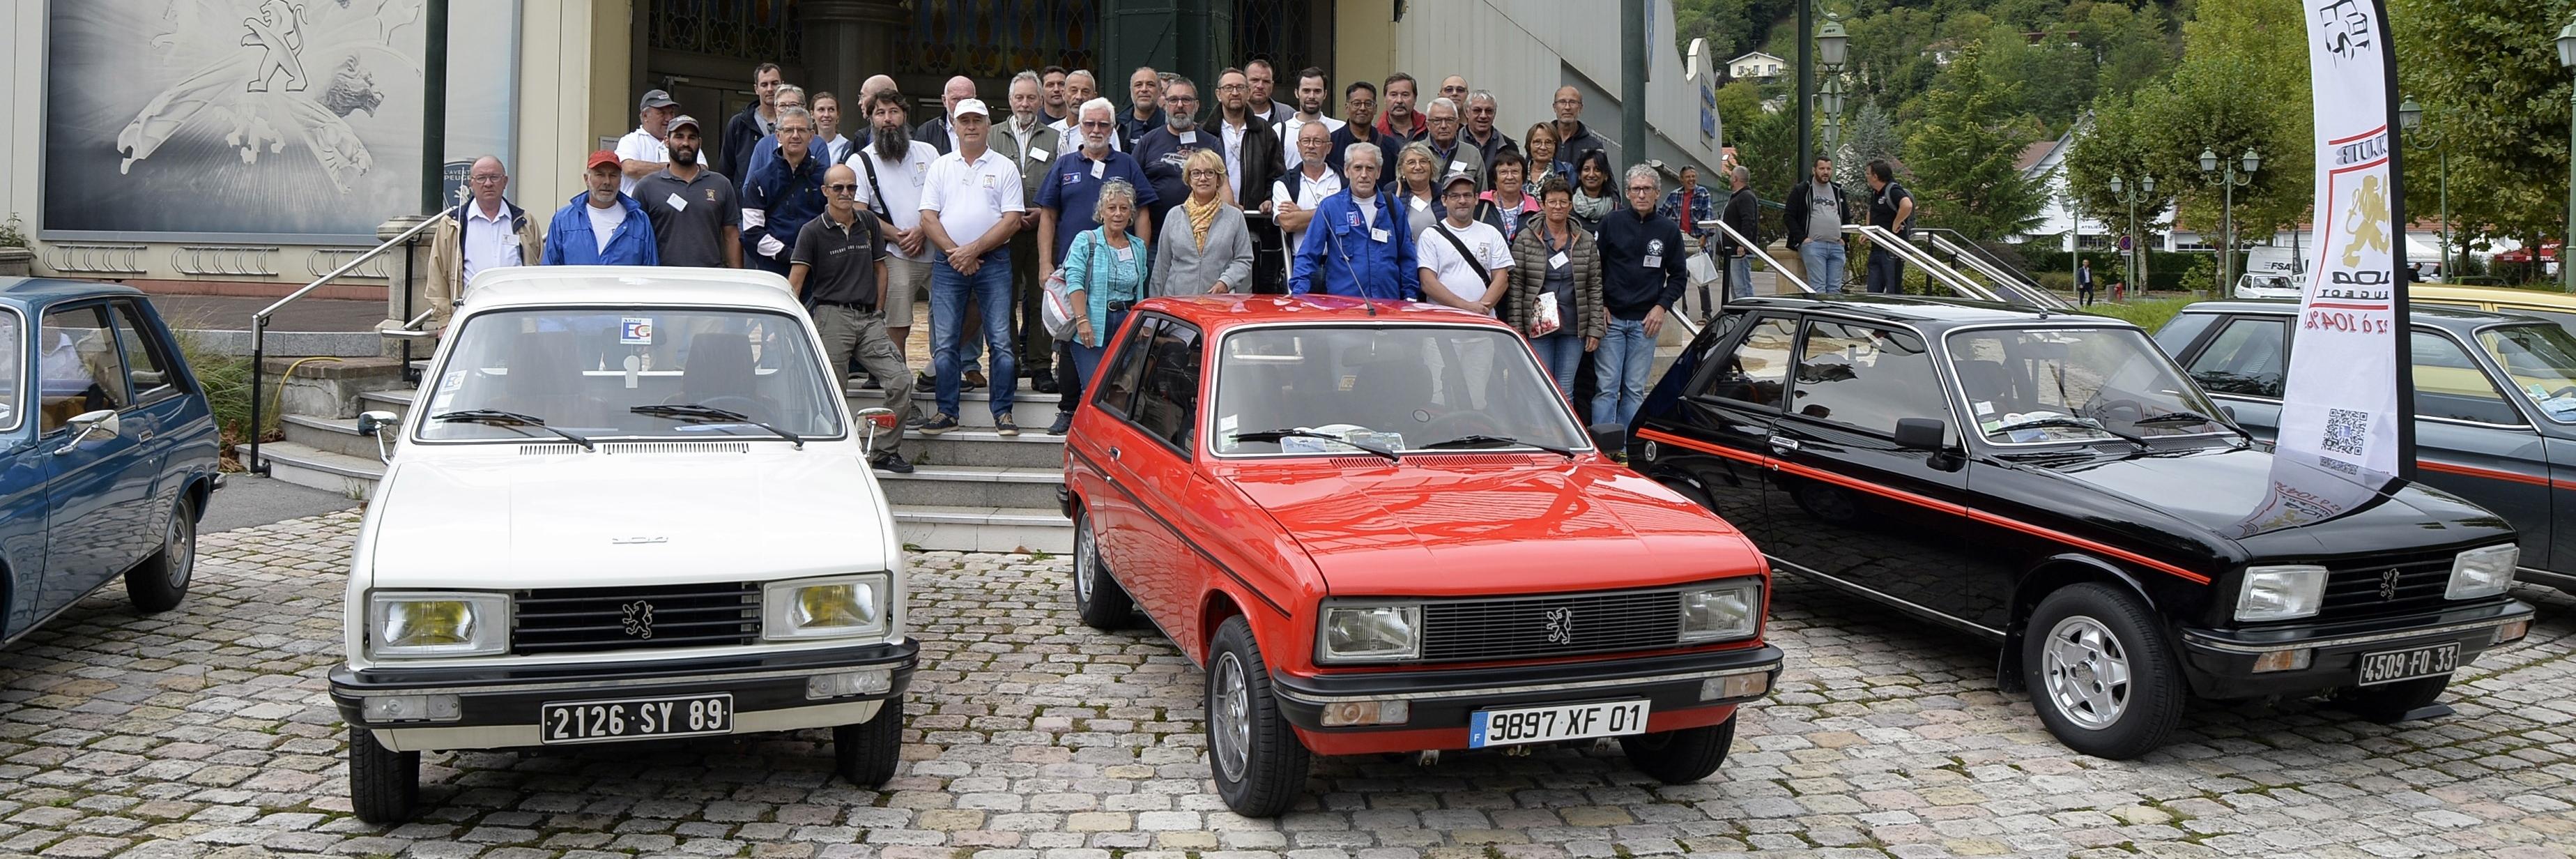 Club 104 Peugeot : Vivez à 104%